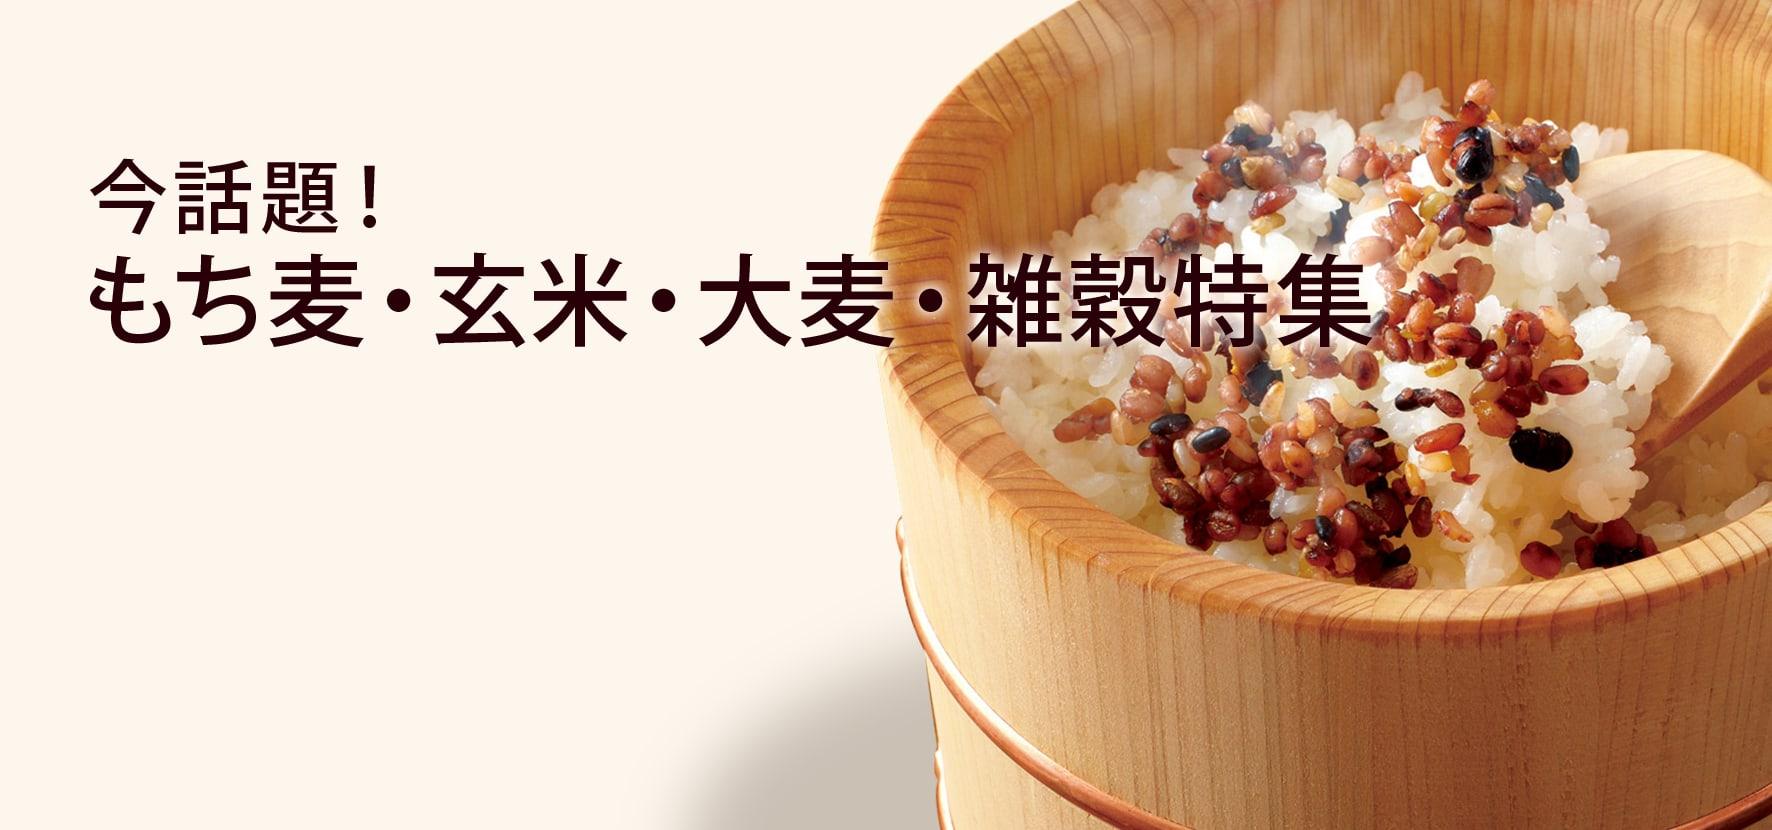 もち麦・玄米・大麦・雑穀特集